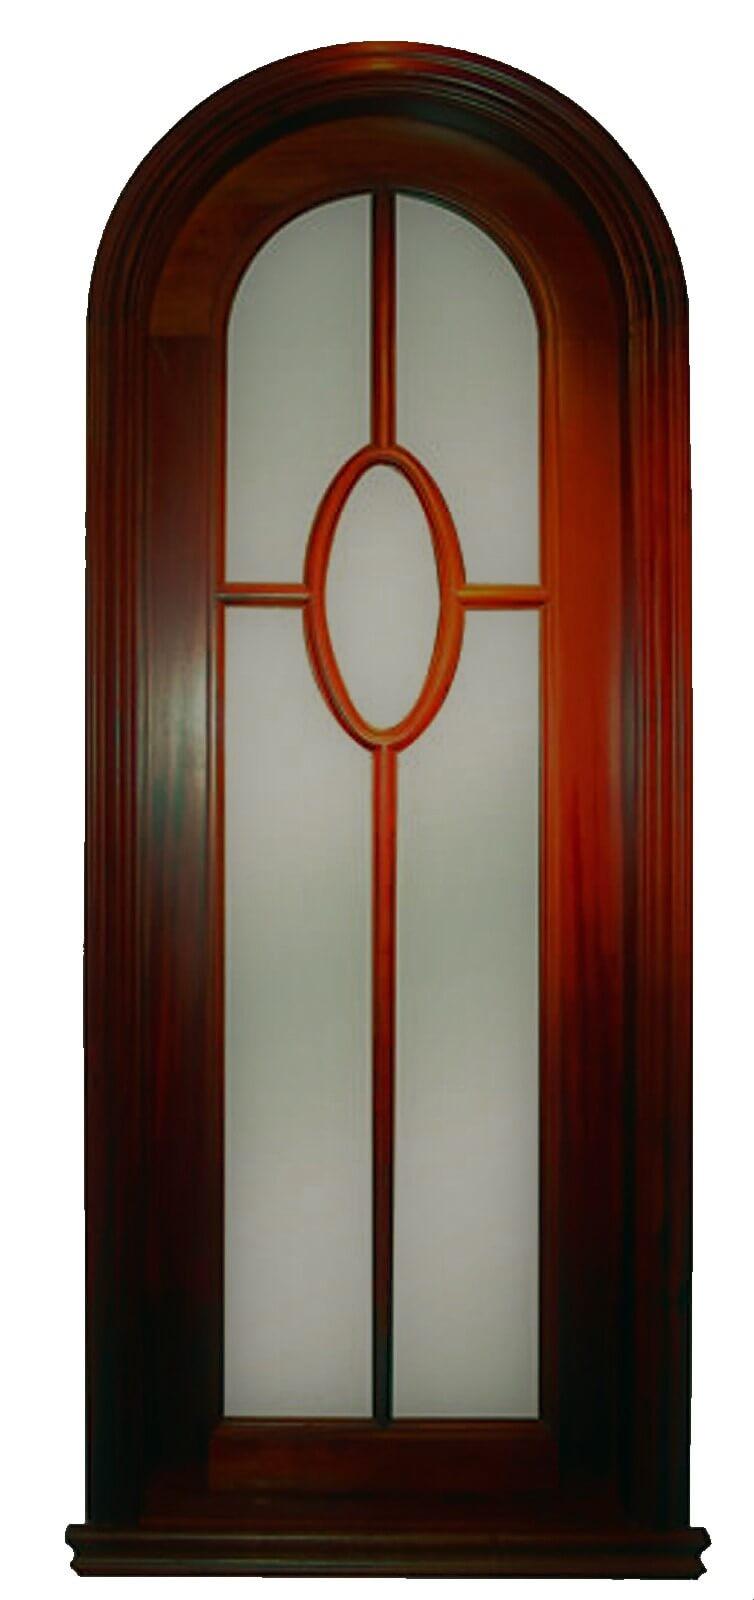 ROMANA FIXED WINDOW